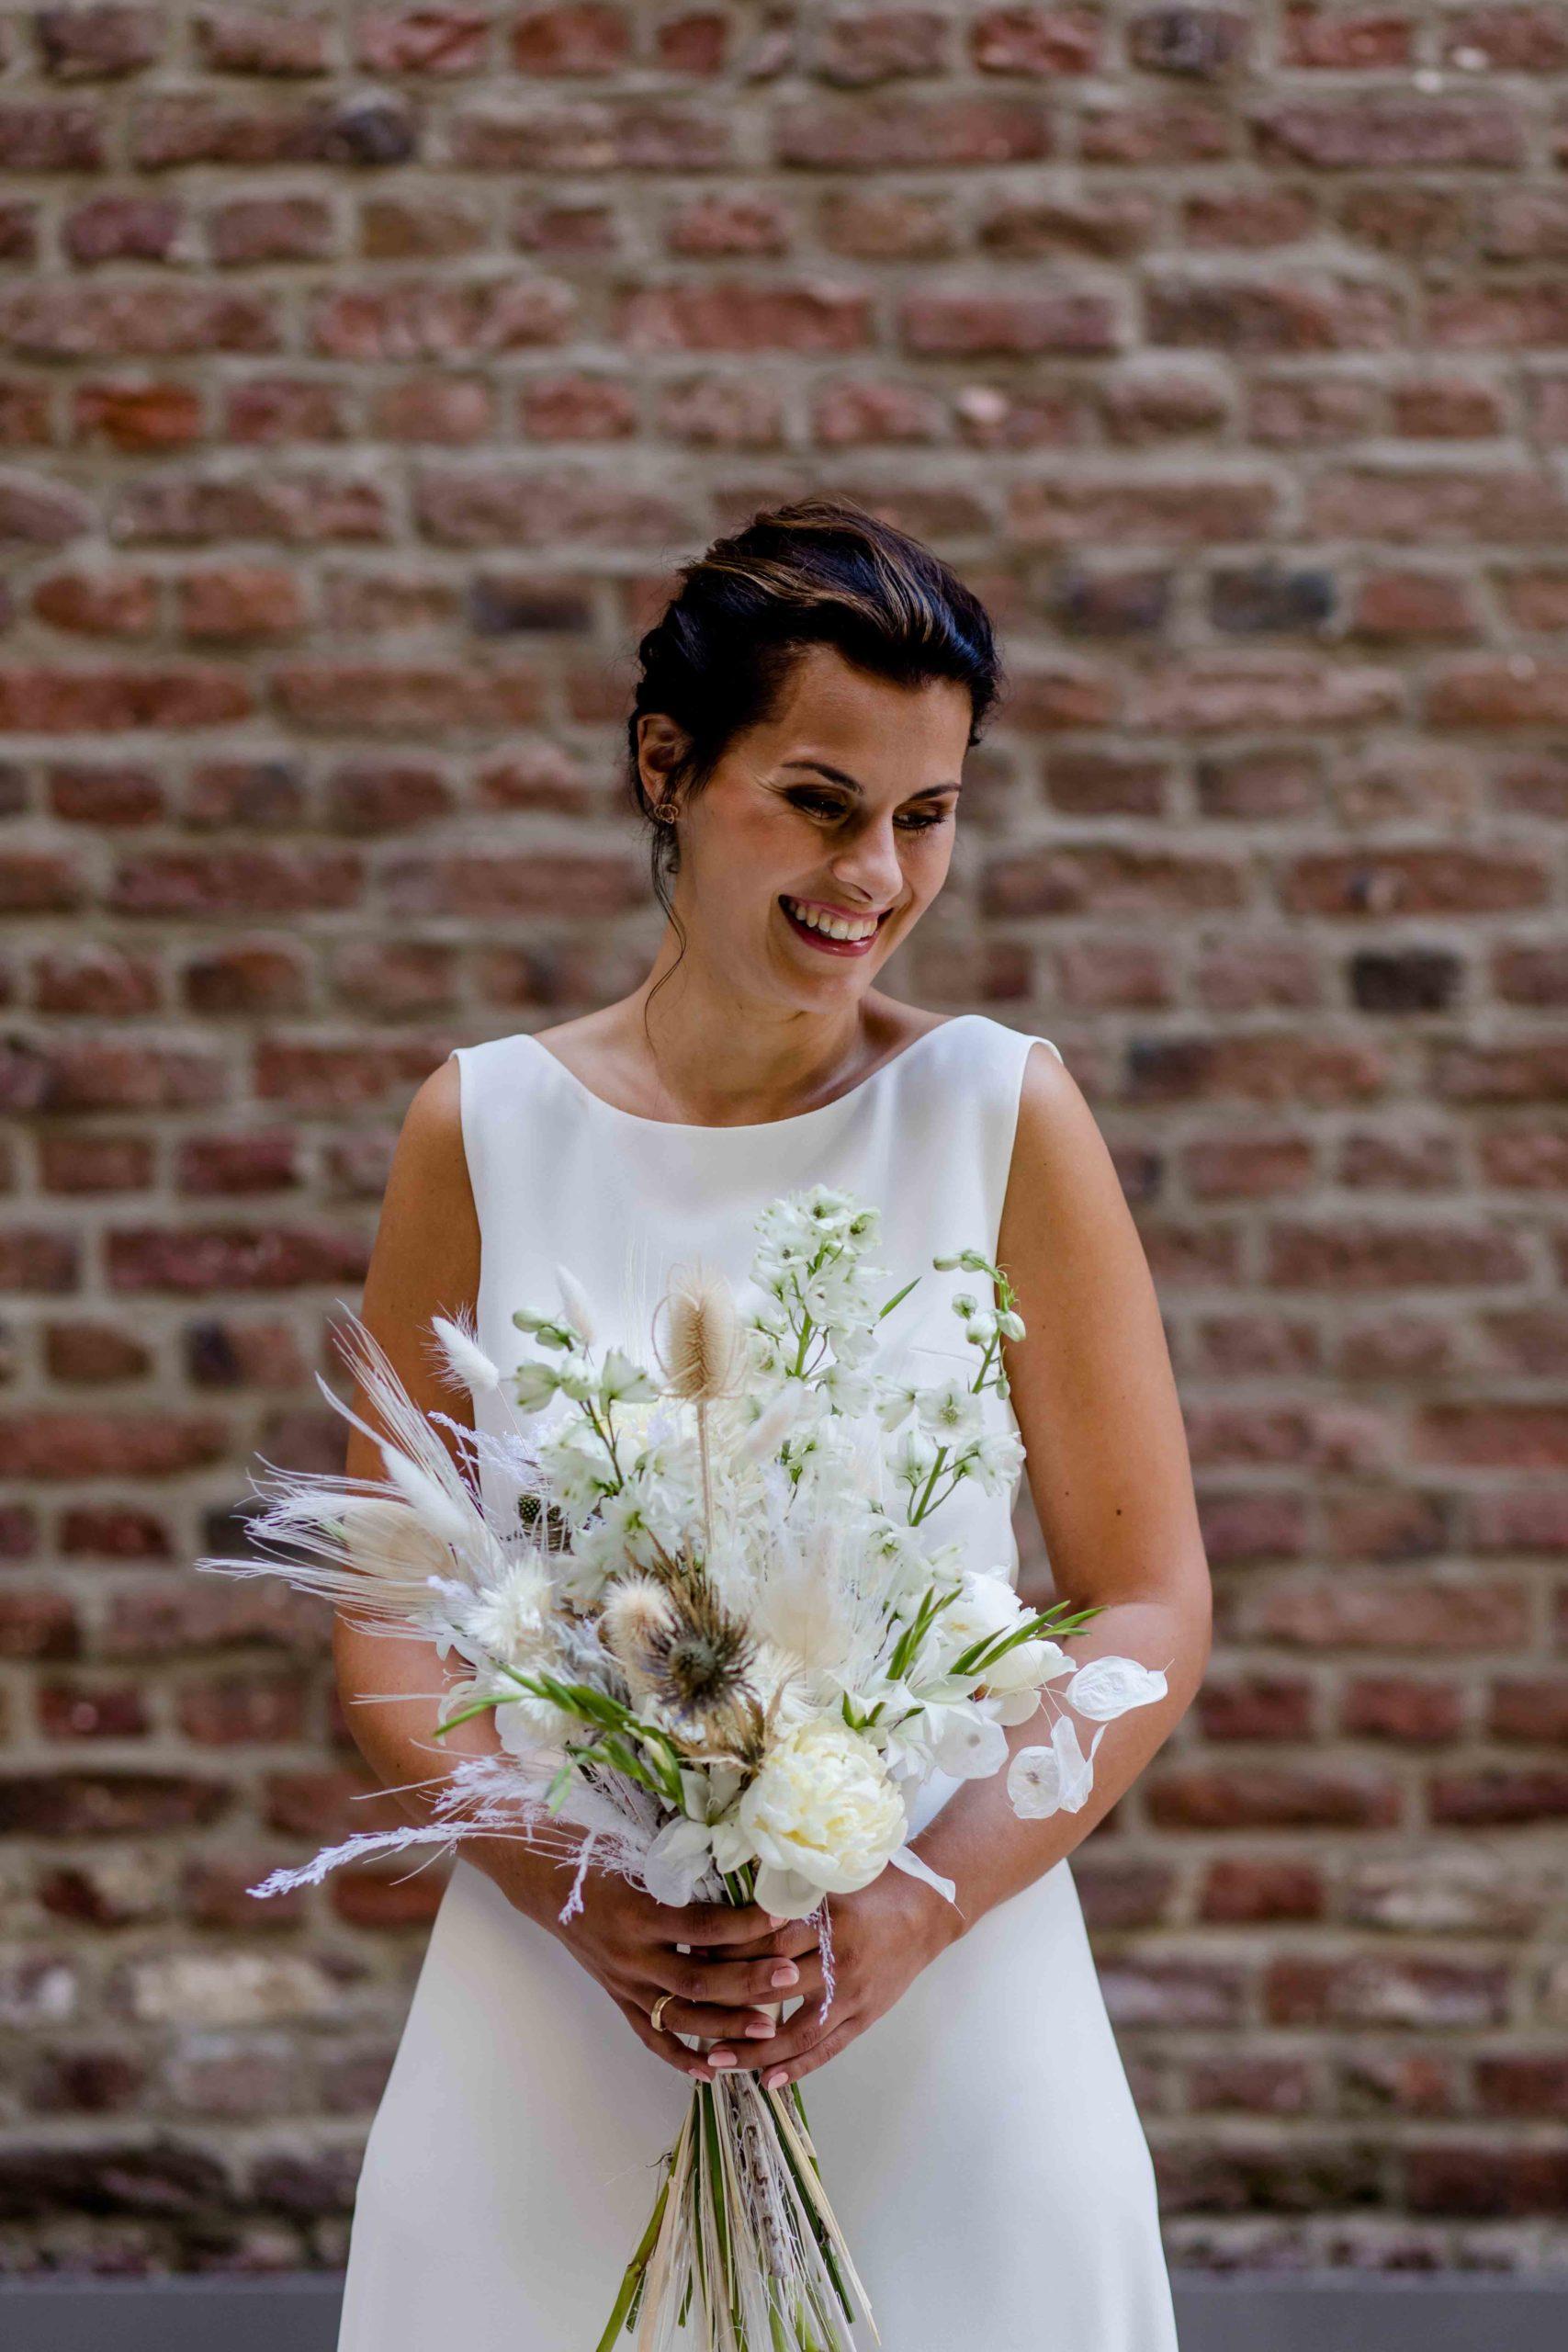 Styled Shoot Brautmode, Model mit weißem, ärmellosen Brautkleid mit Brautstrauss vor Backsteinmauer, lachend